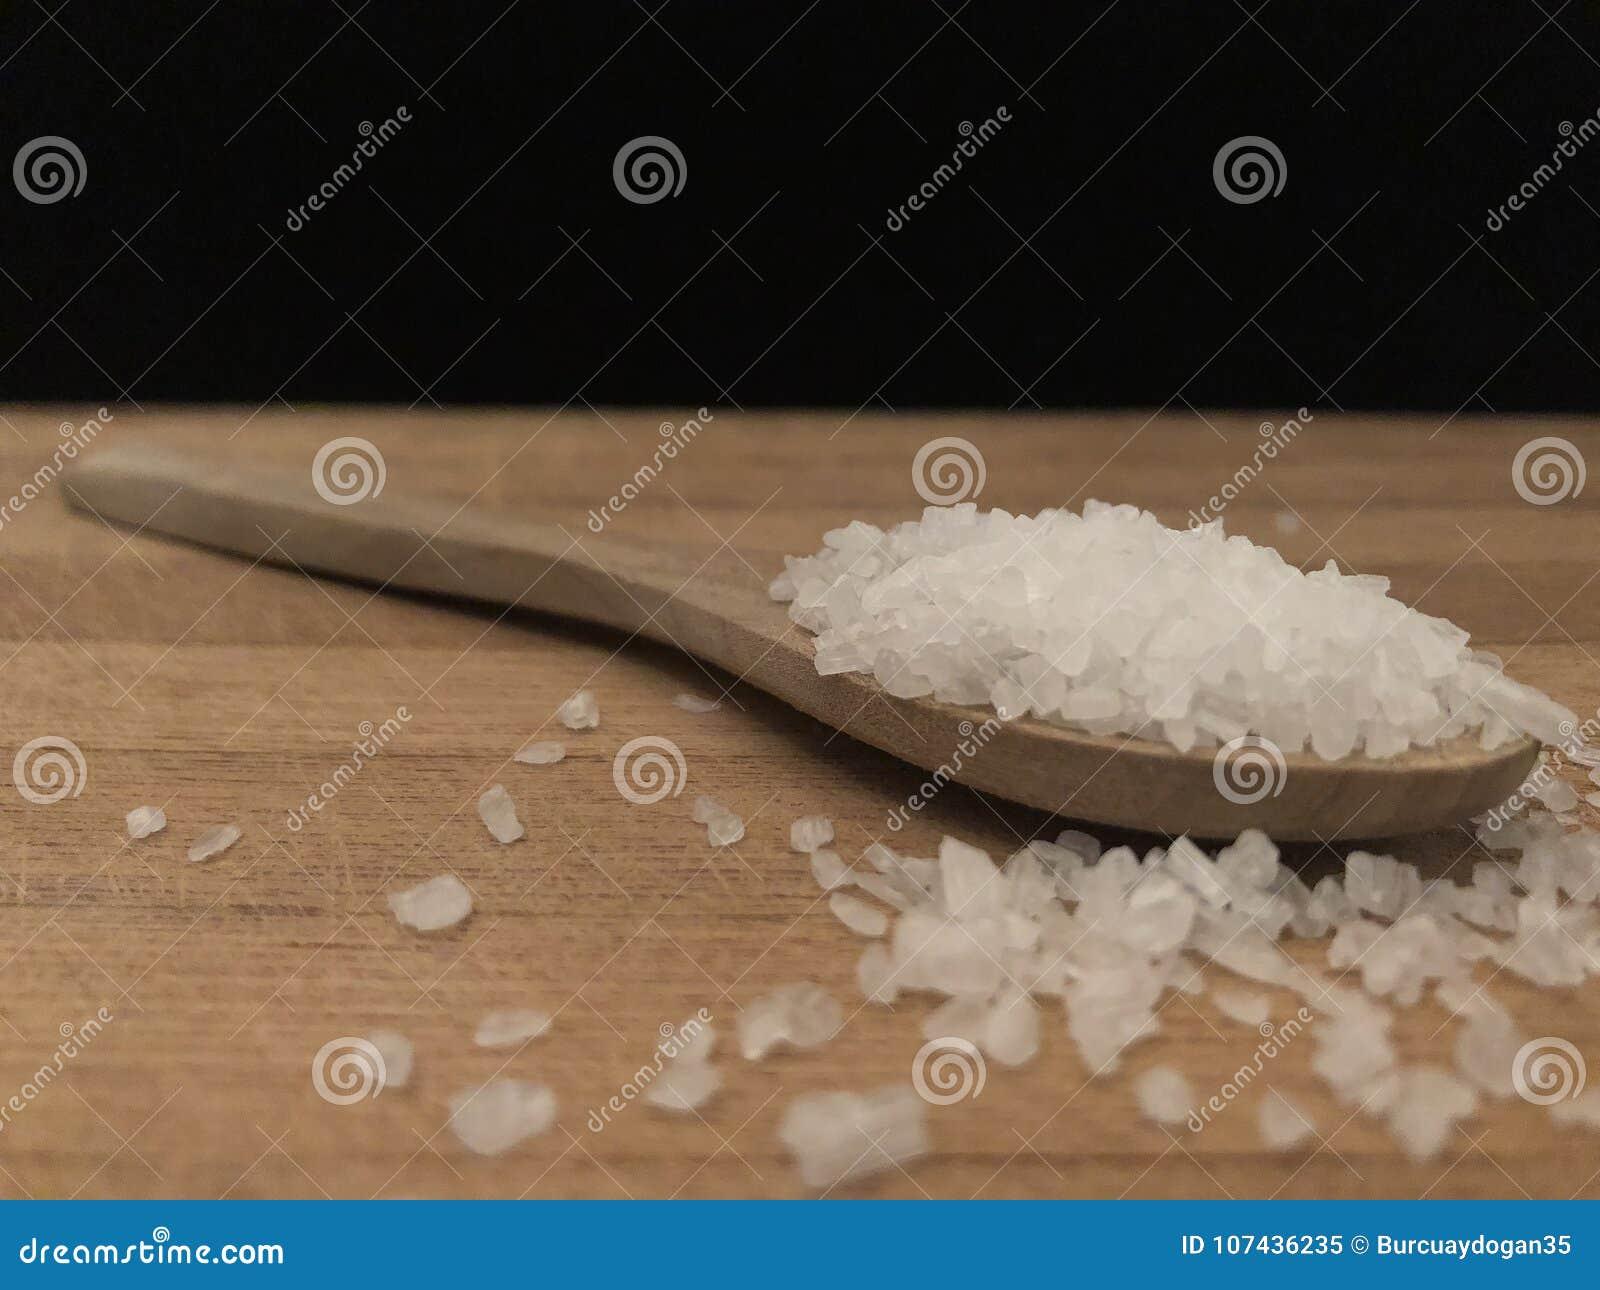 Steinsalz im hölzernen Löffel auf dem hölzernen Schneidebrett mit schwarzem Rückenbrett